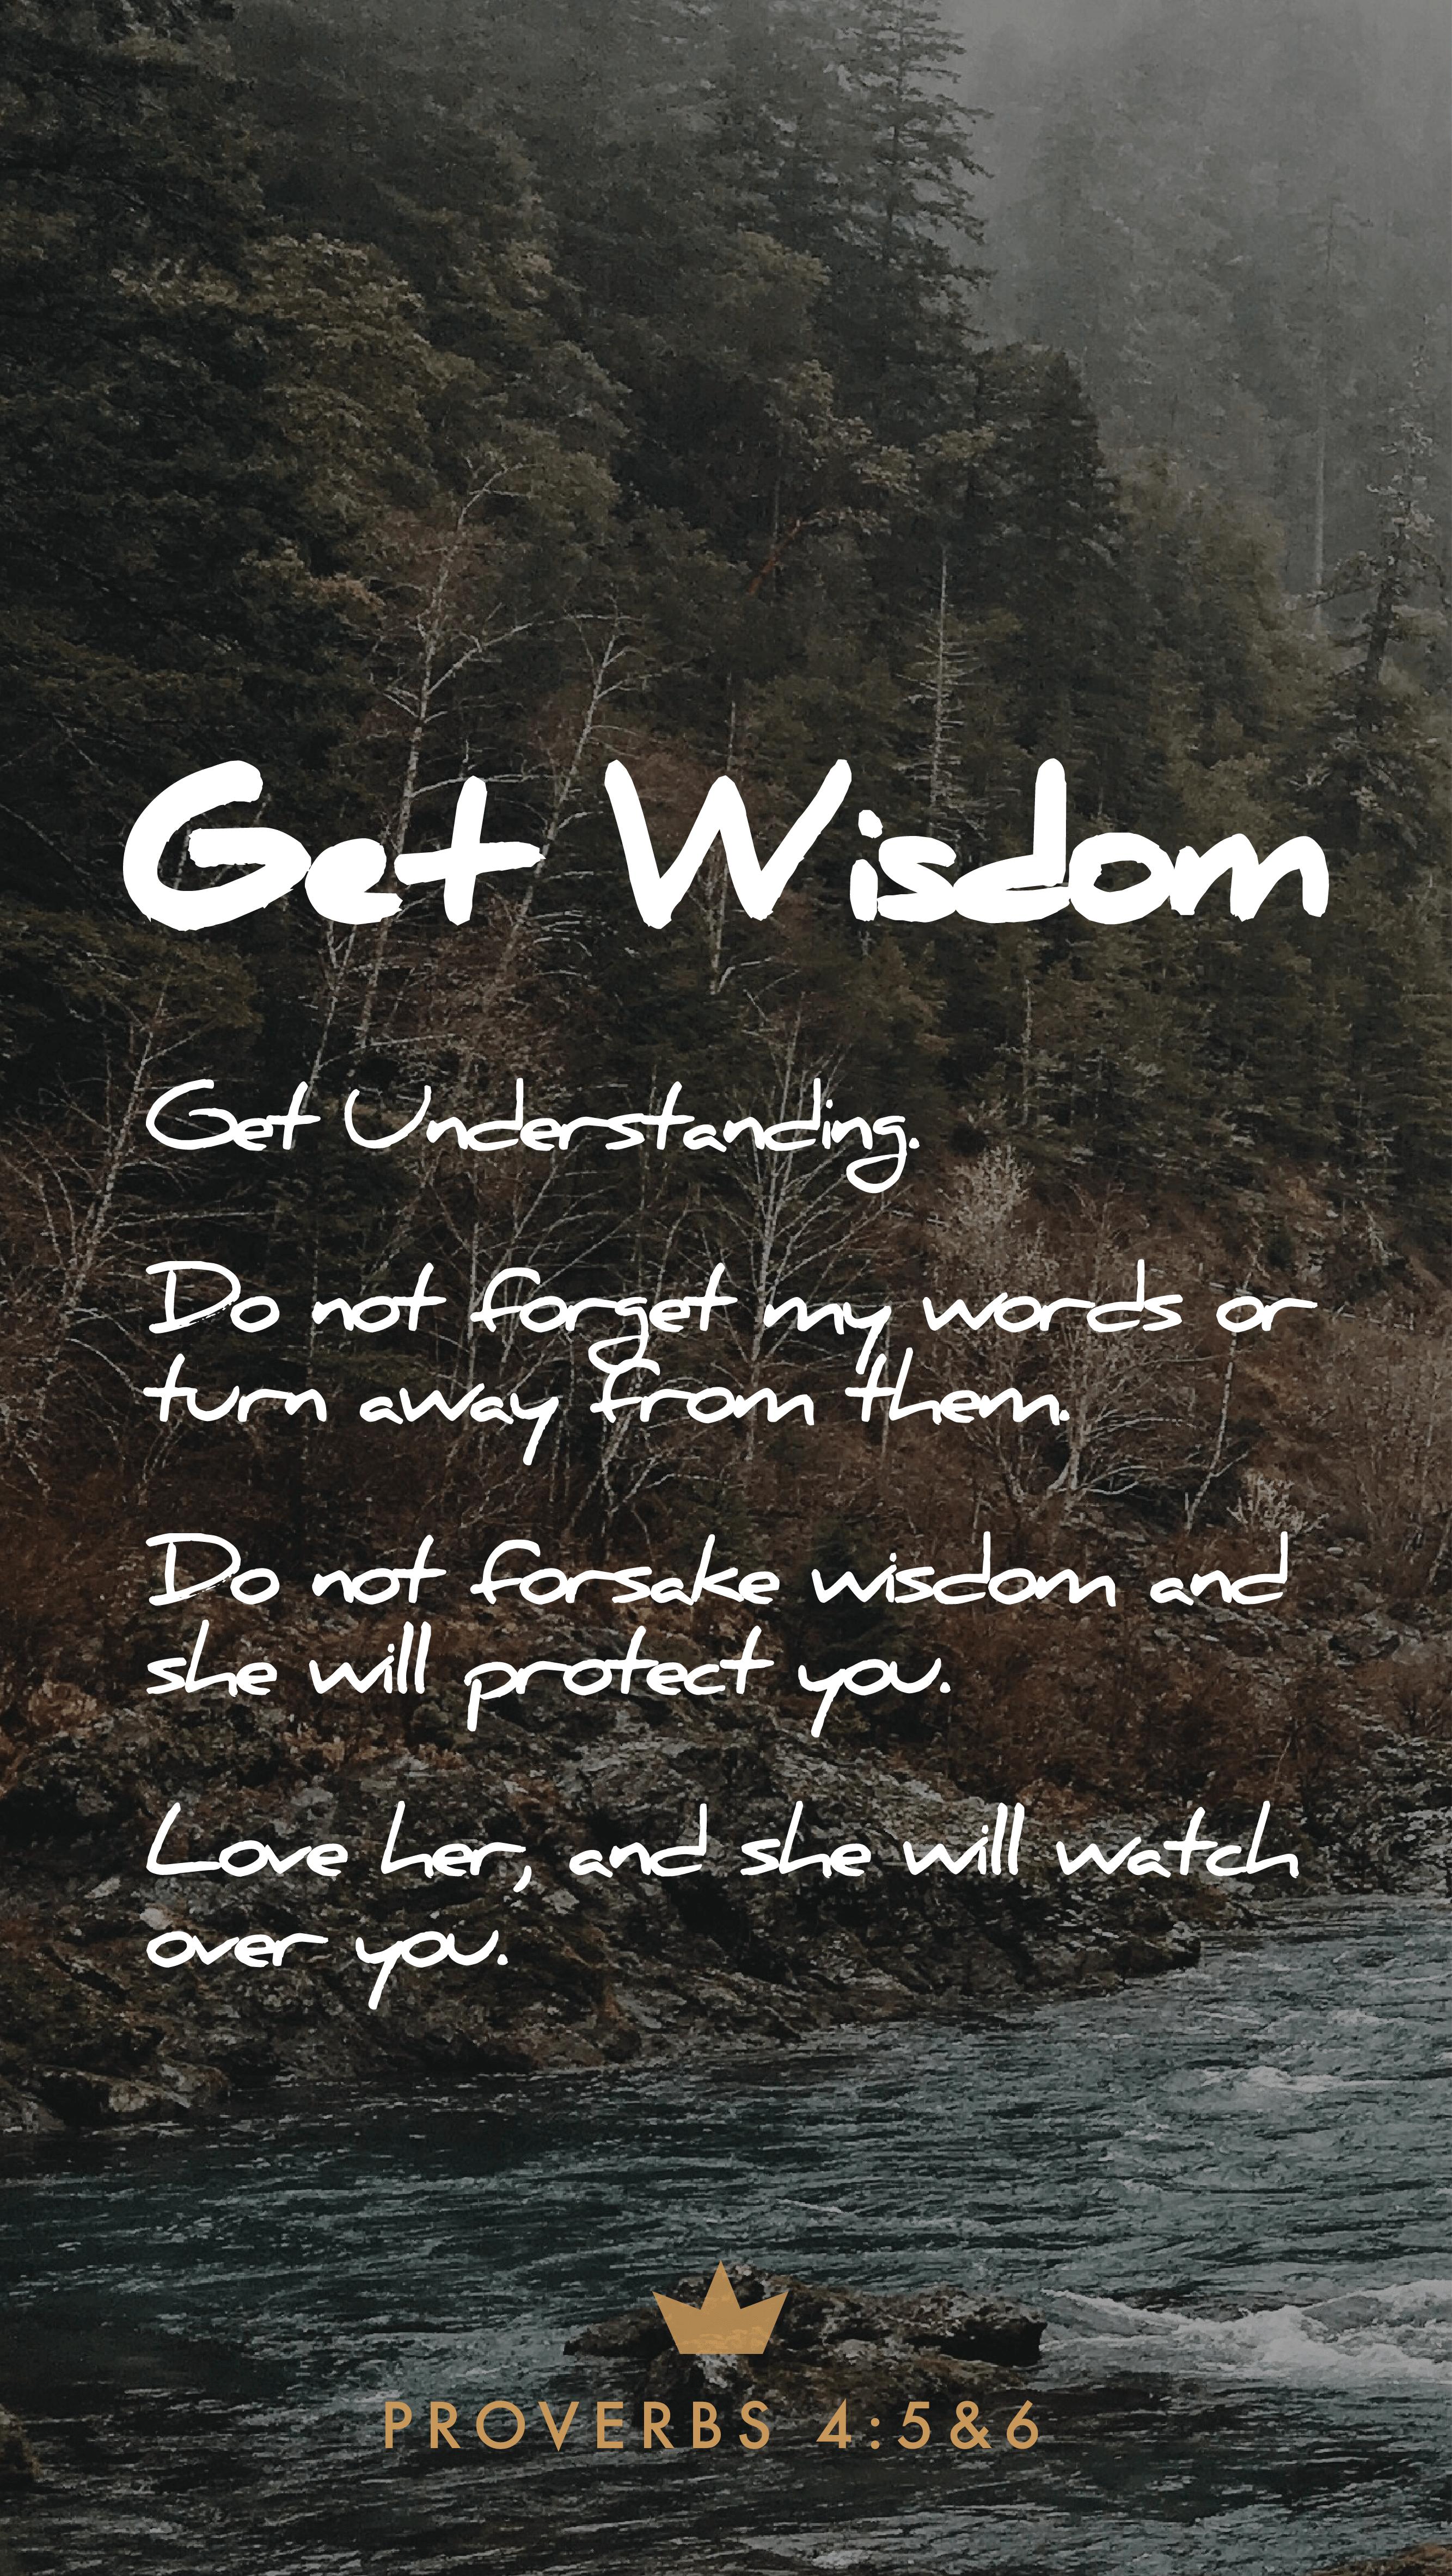 Proverbs-4